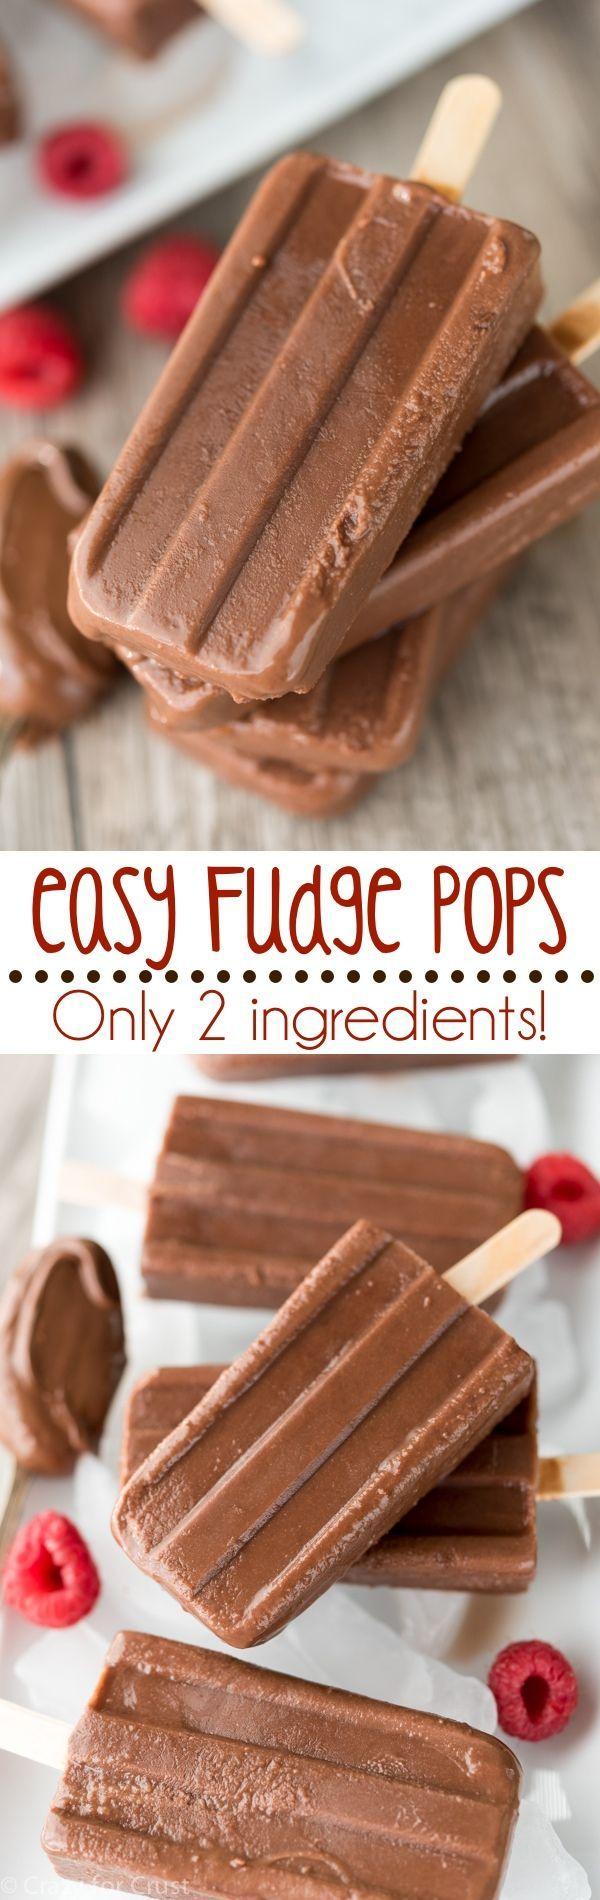 25+ best Chocolate almond milk ideas on Pinterest | Almond milk ...